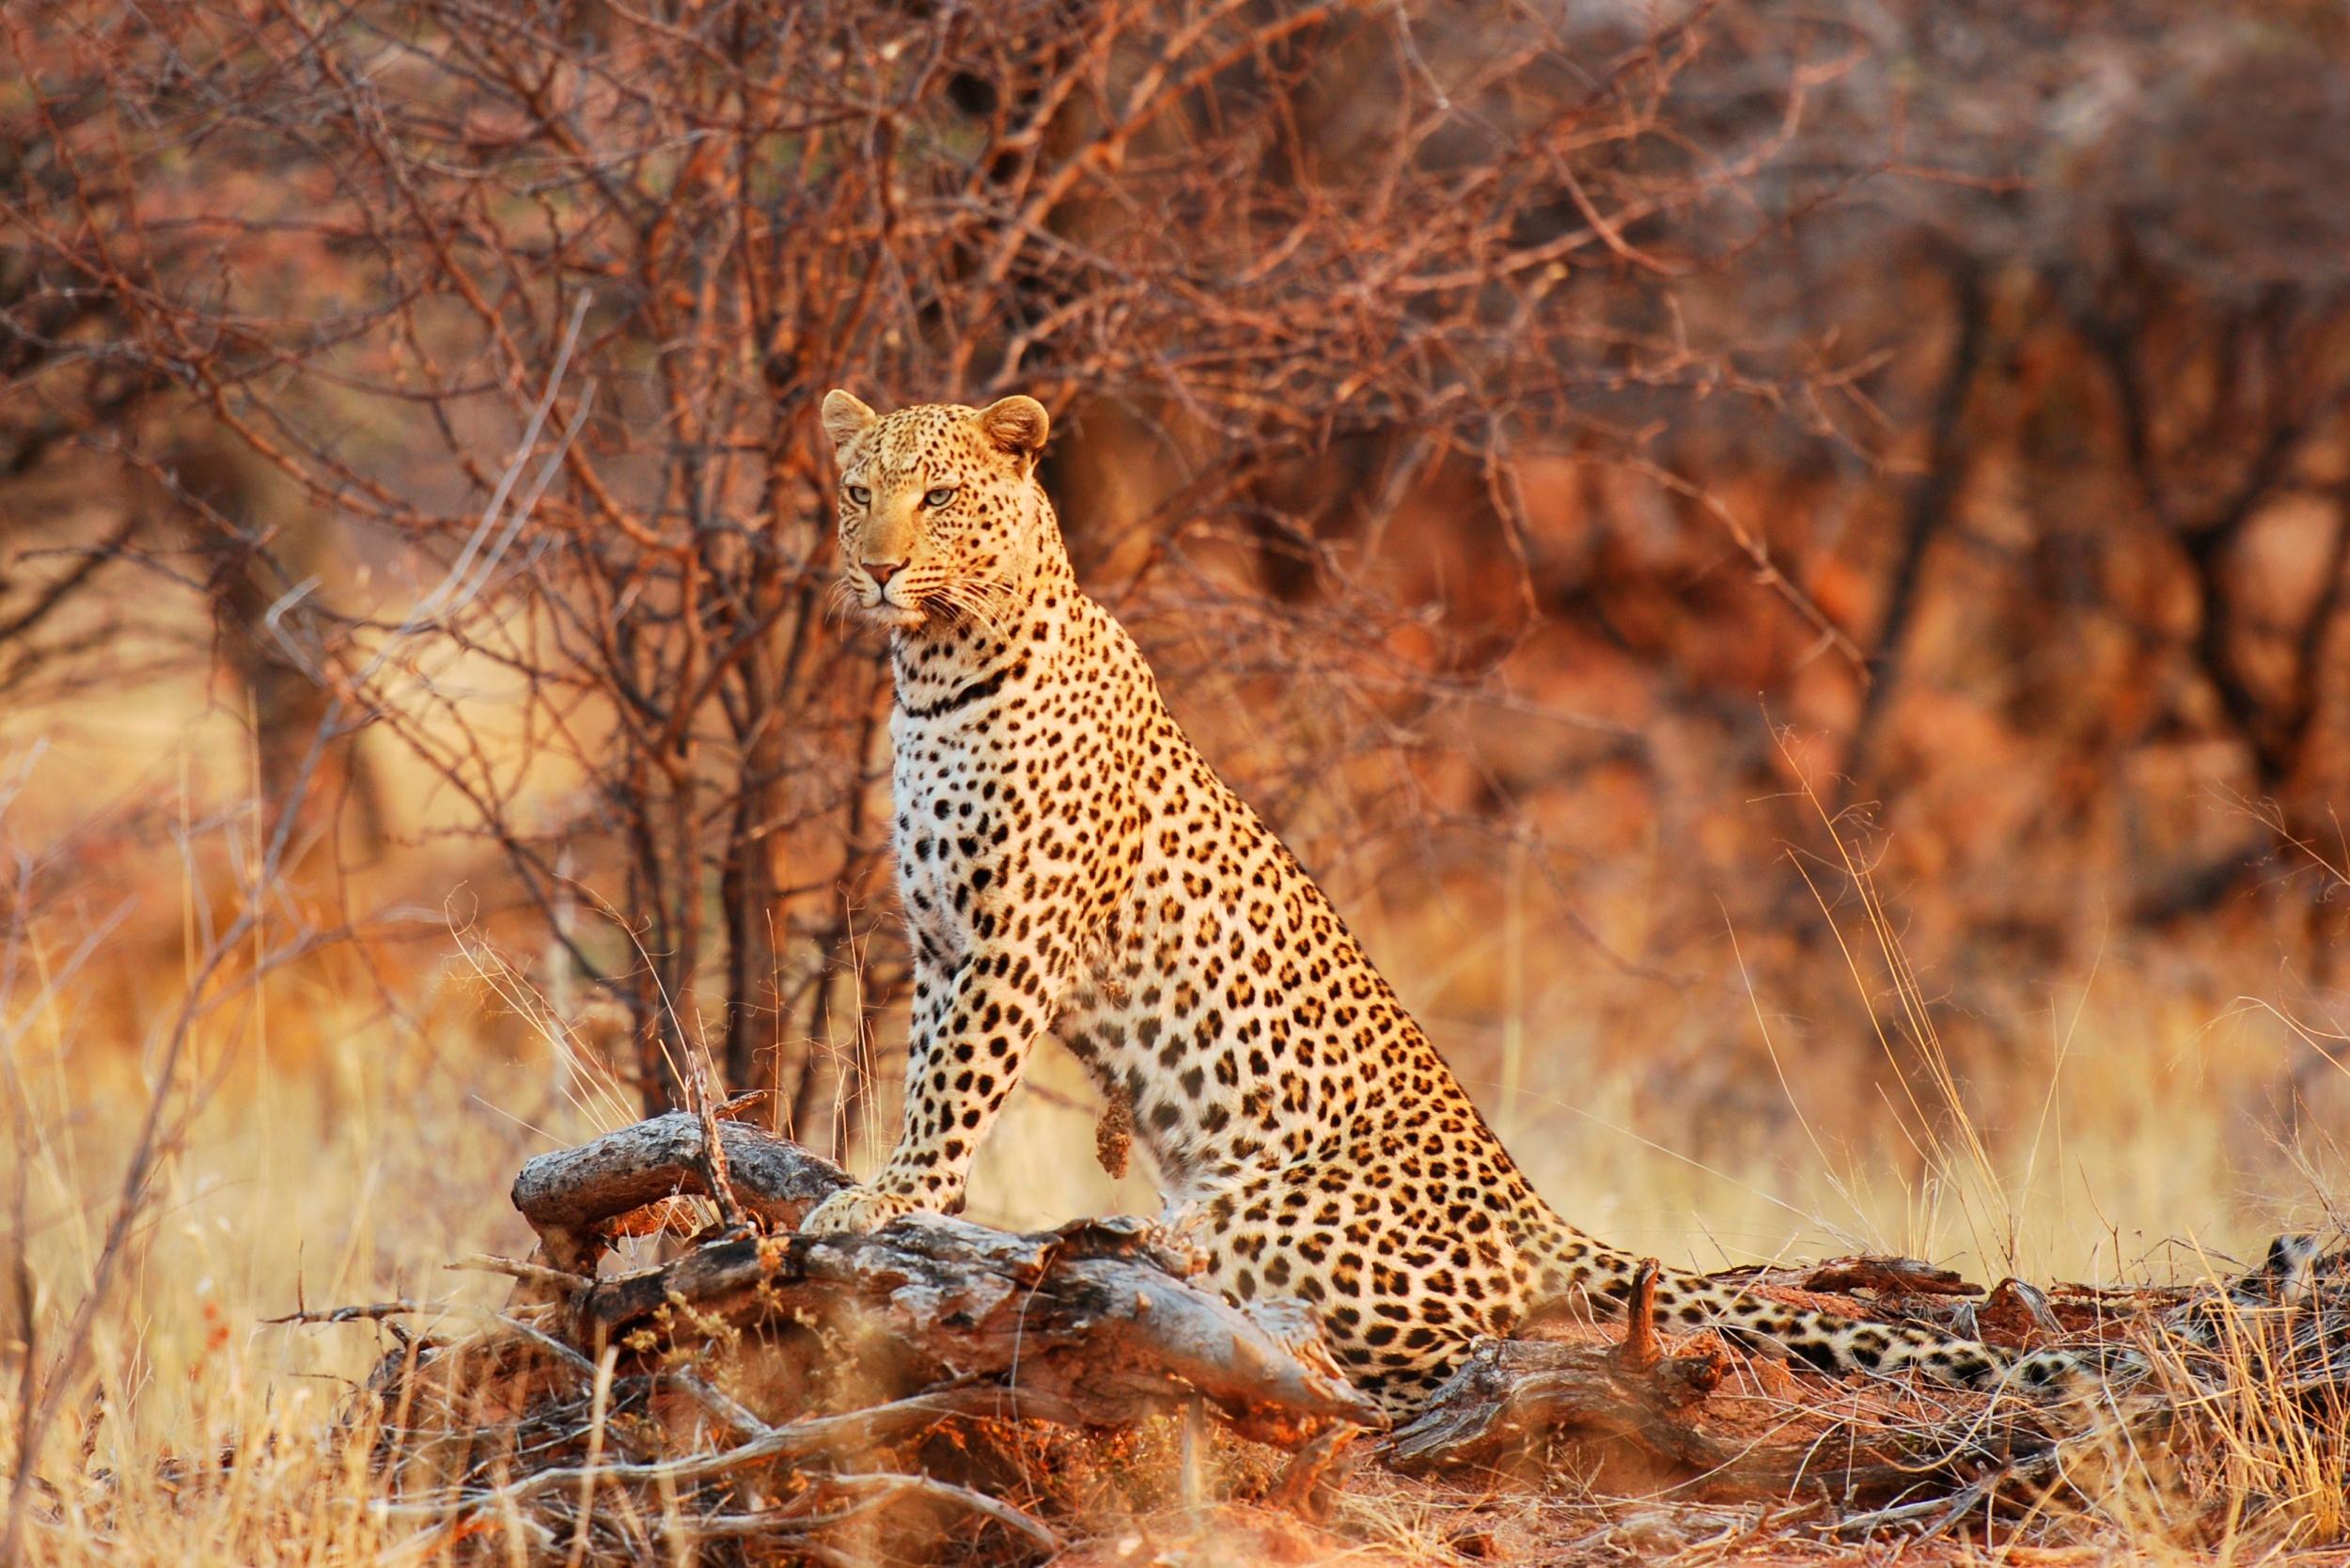 природа животные Гепарды камни трава дерево горизонт  № 276728 без смс